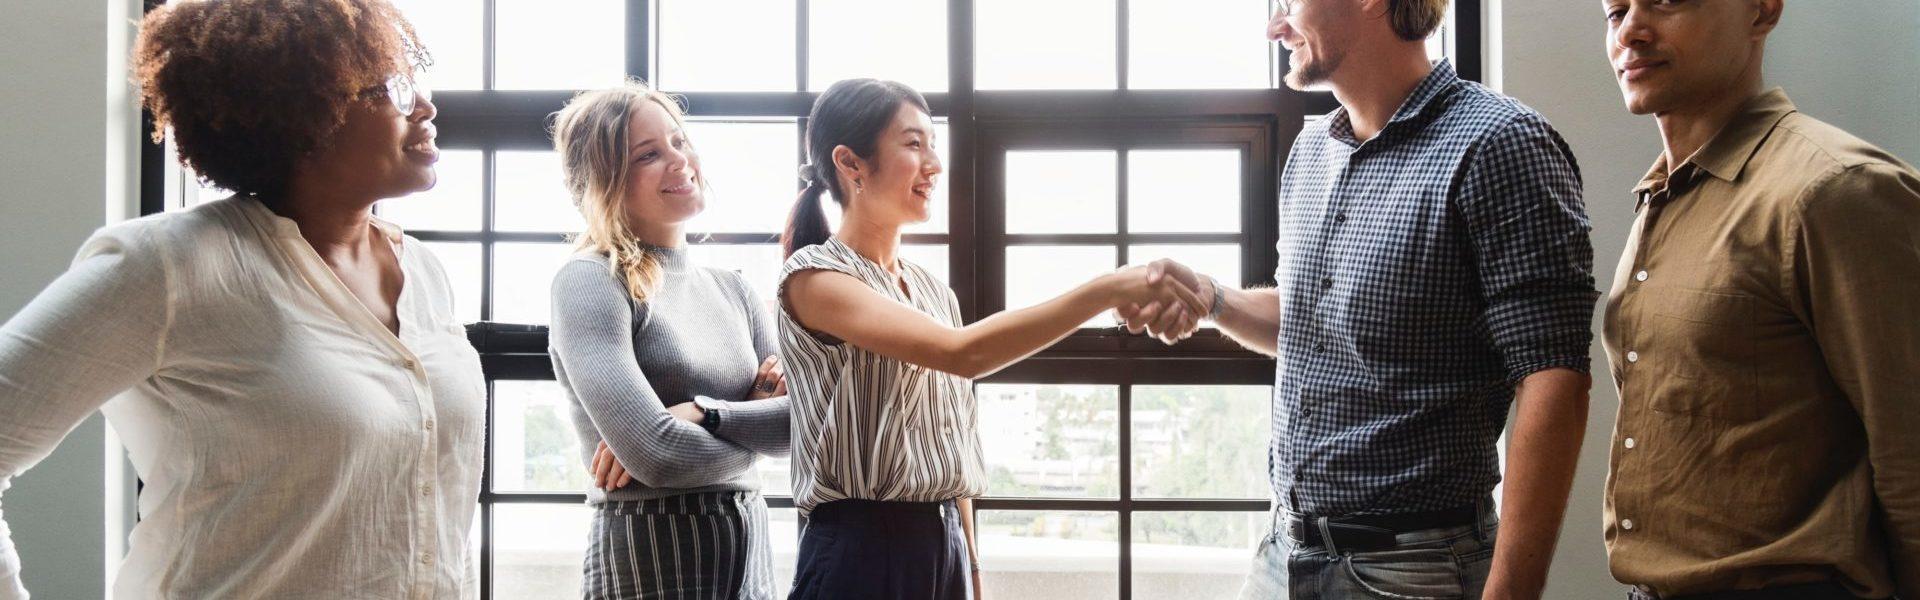 Personnes hommes femmes souriants se serrant la main dans une salle de réunion